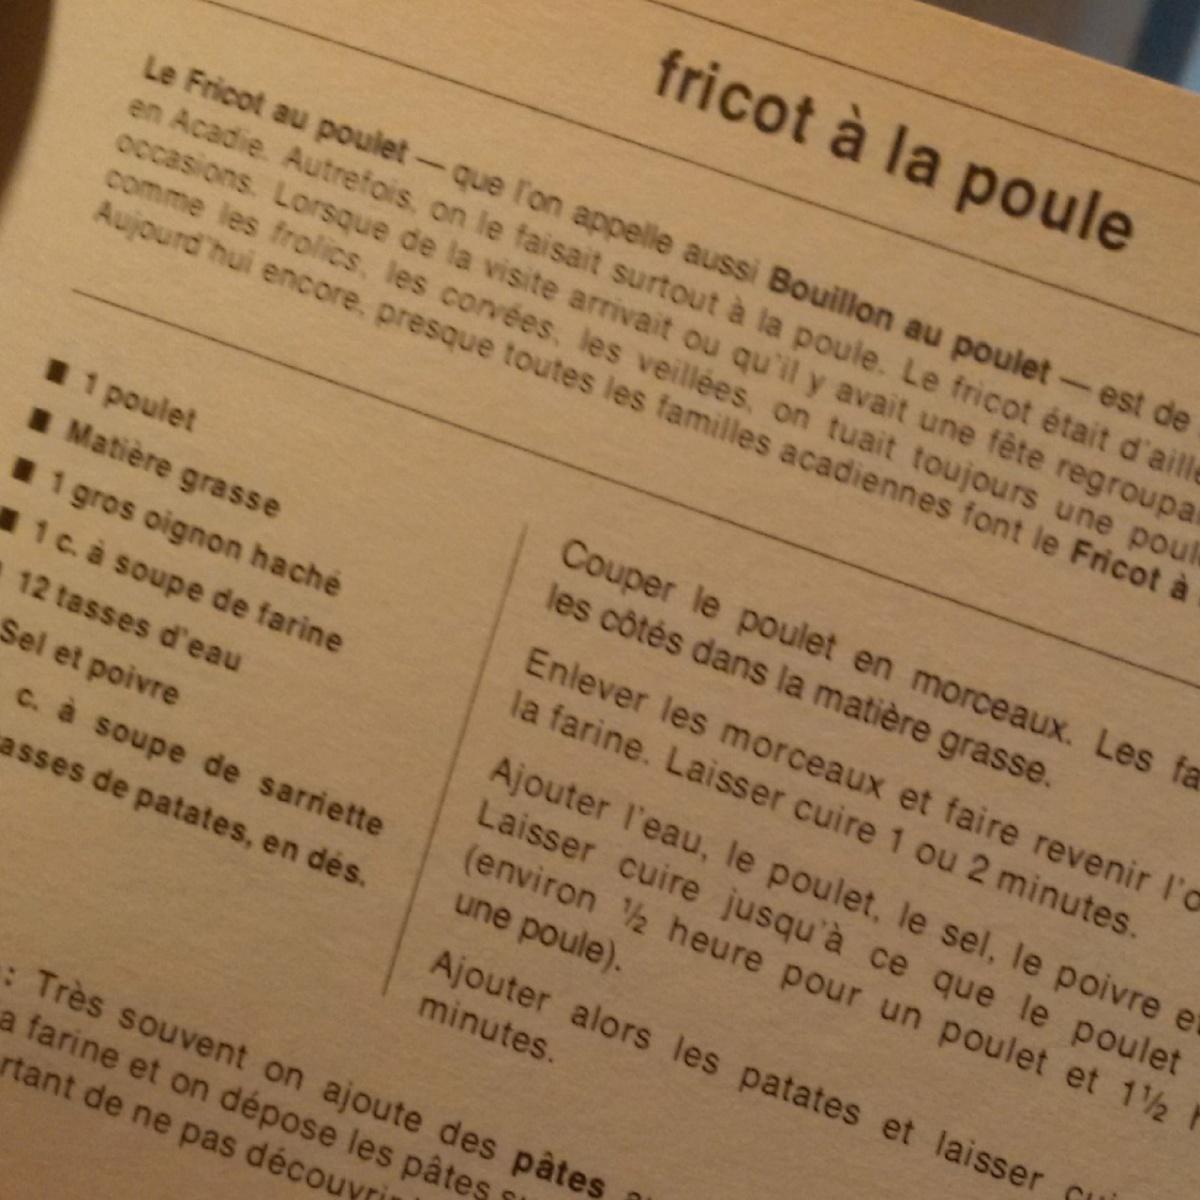 Comment réussir son fricot (sans choisir entre la recette et les ingrédients) : réponse à Éric Forgues - Sébastien Lord-Émard